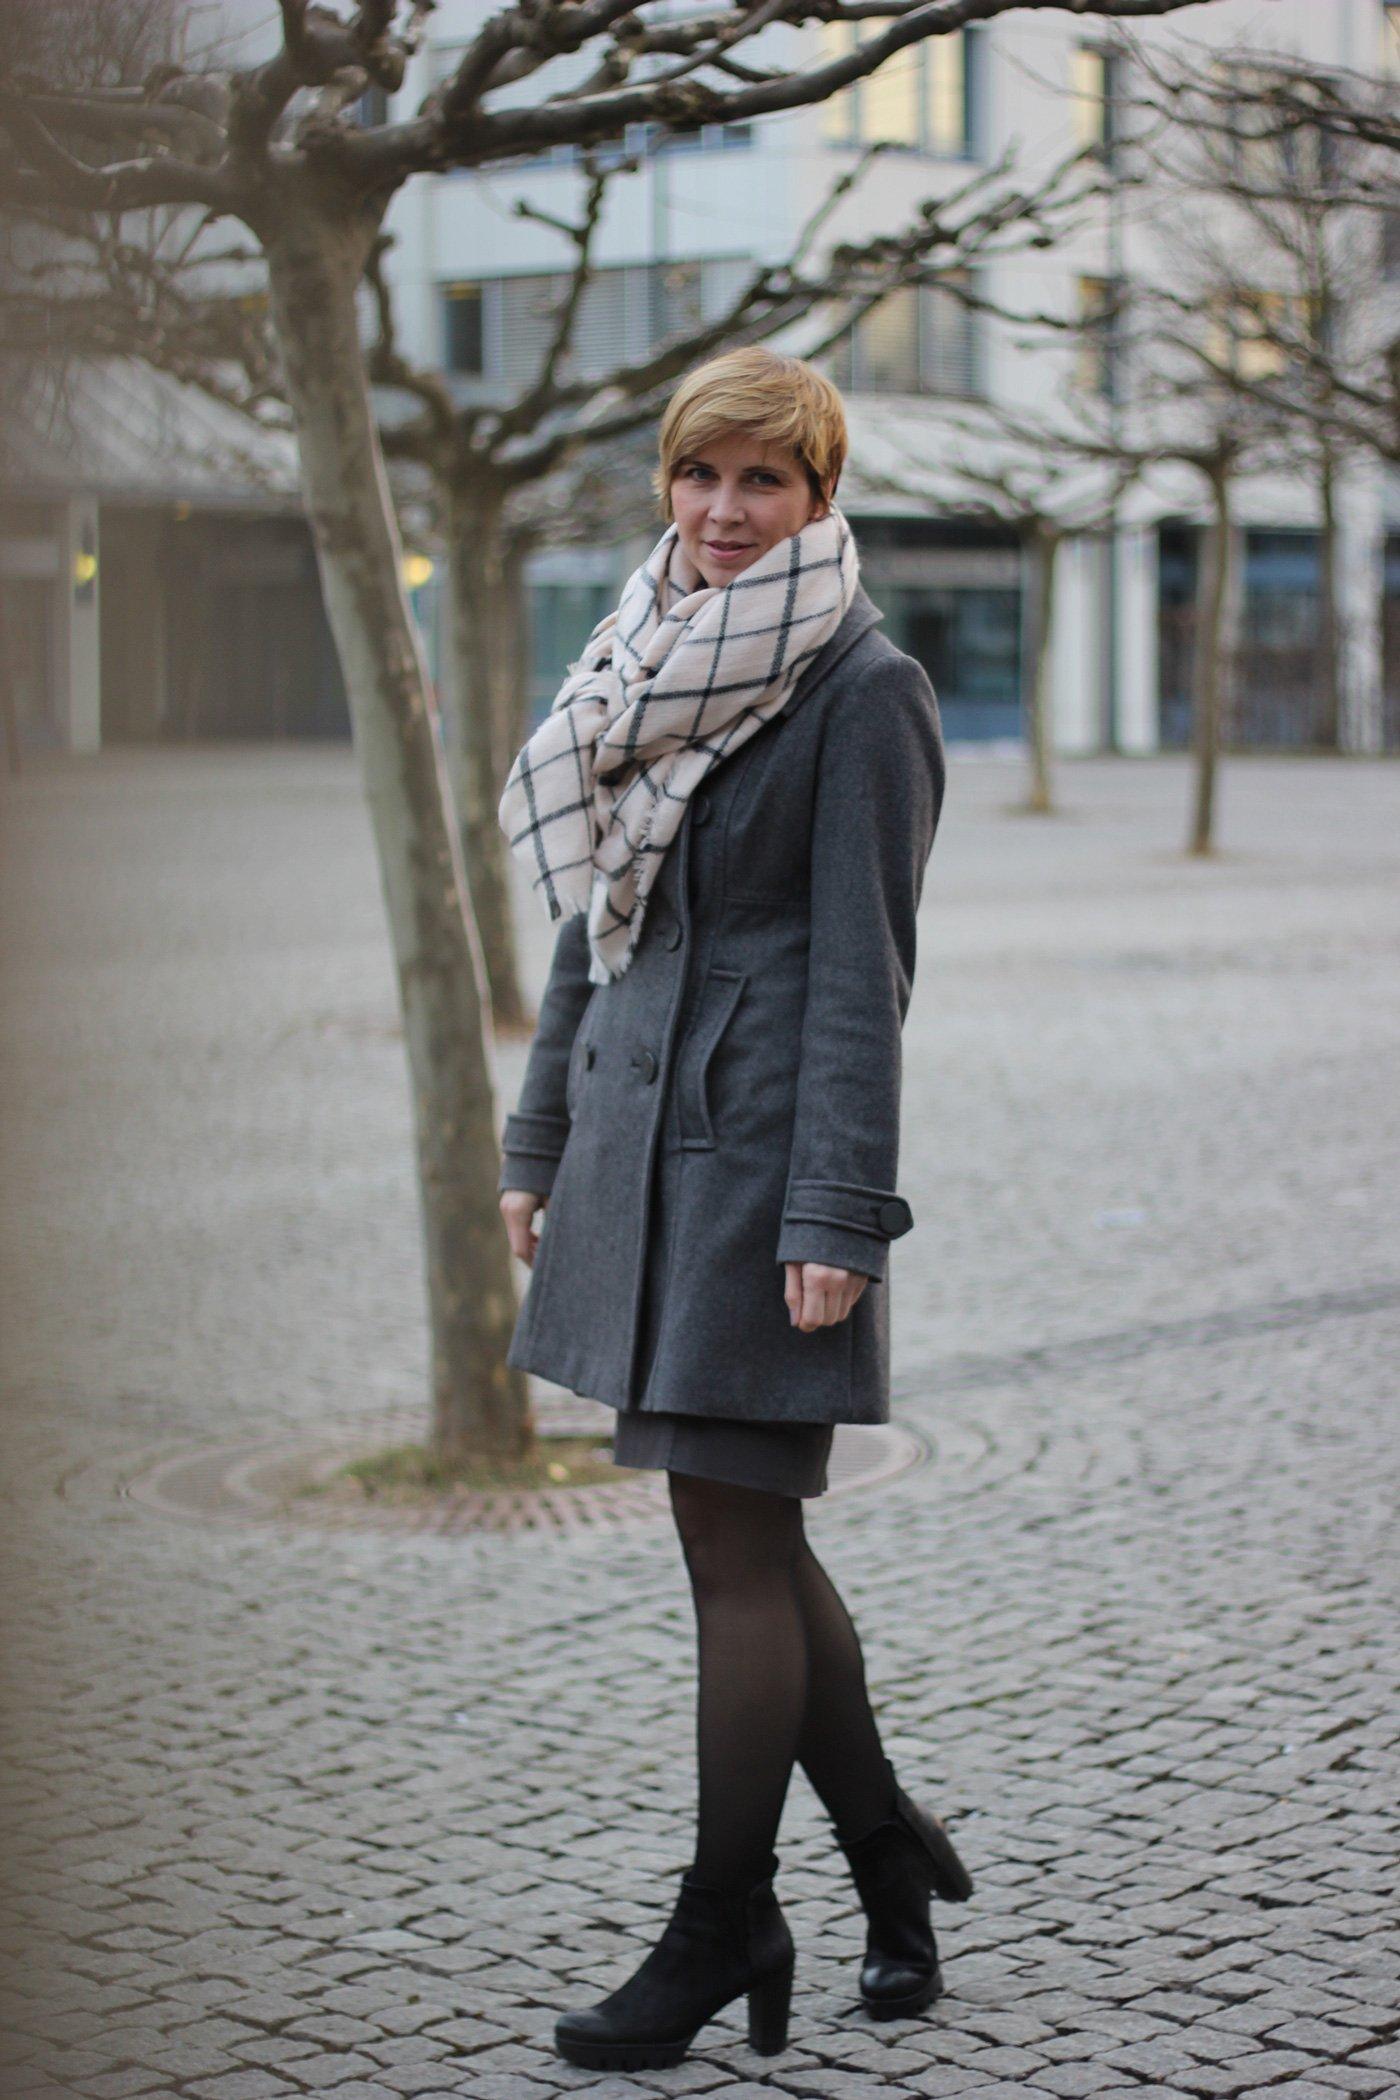 Bliestiftrock grau und grauer Mantel - overzised Schal